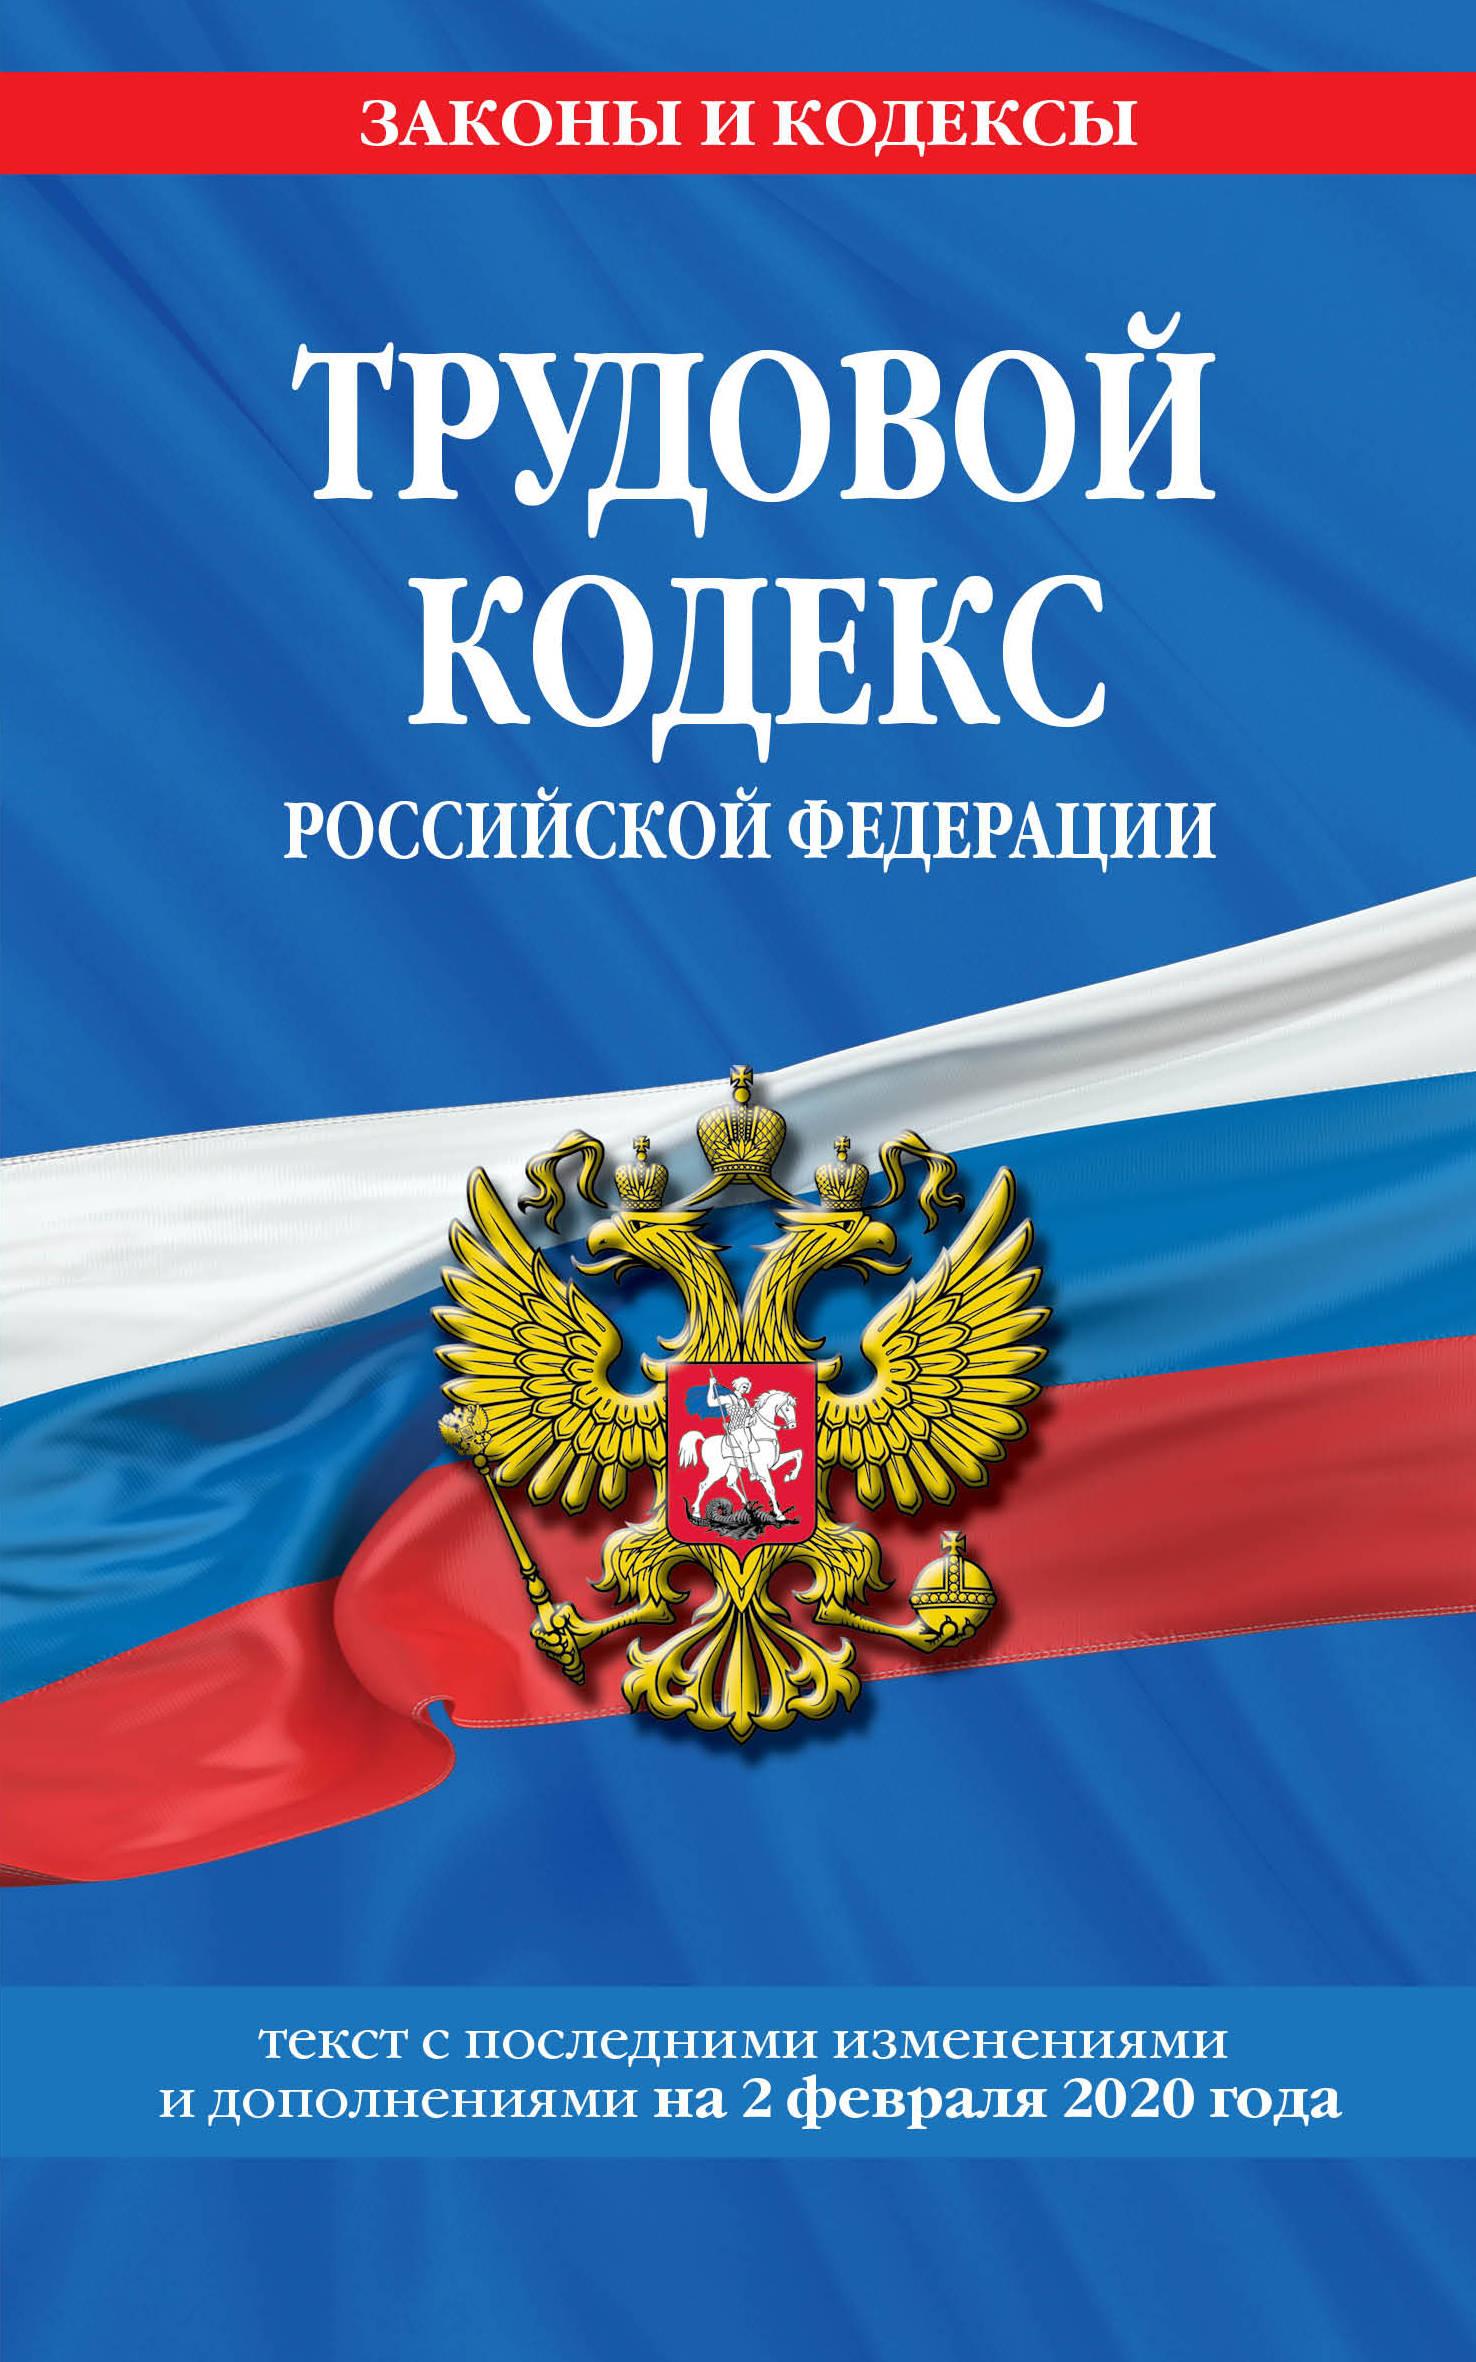 Трудовой кодекс Российской Федерации: текст с посл. изм. и доп. на 2 февраля 2020 г.